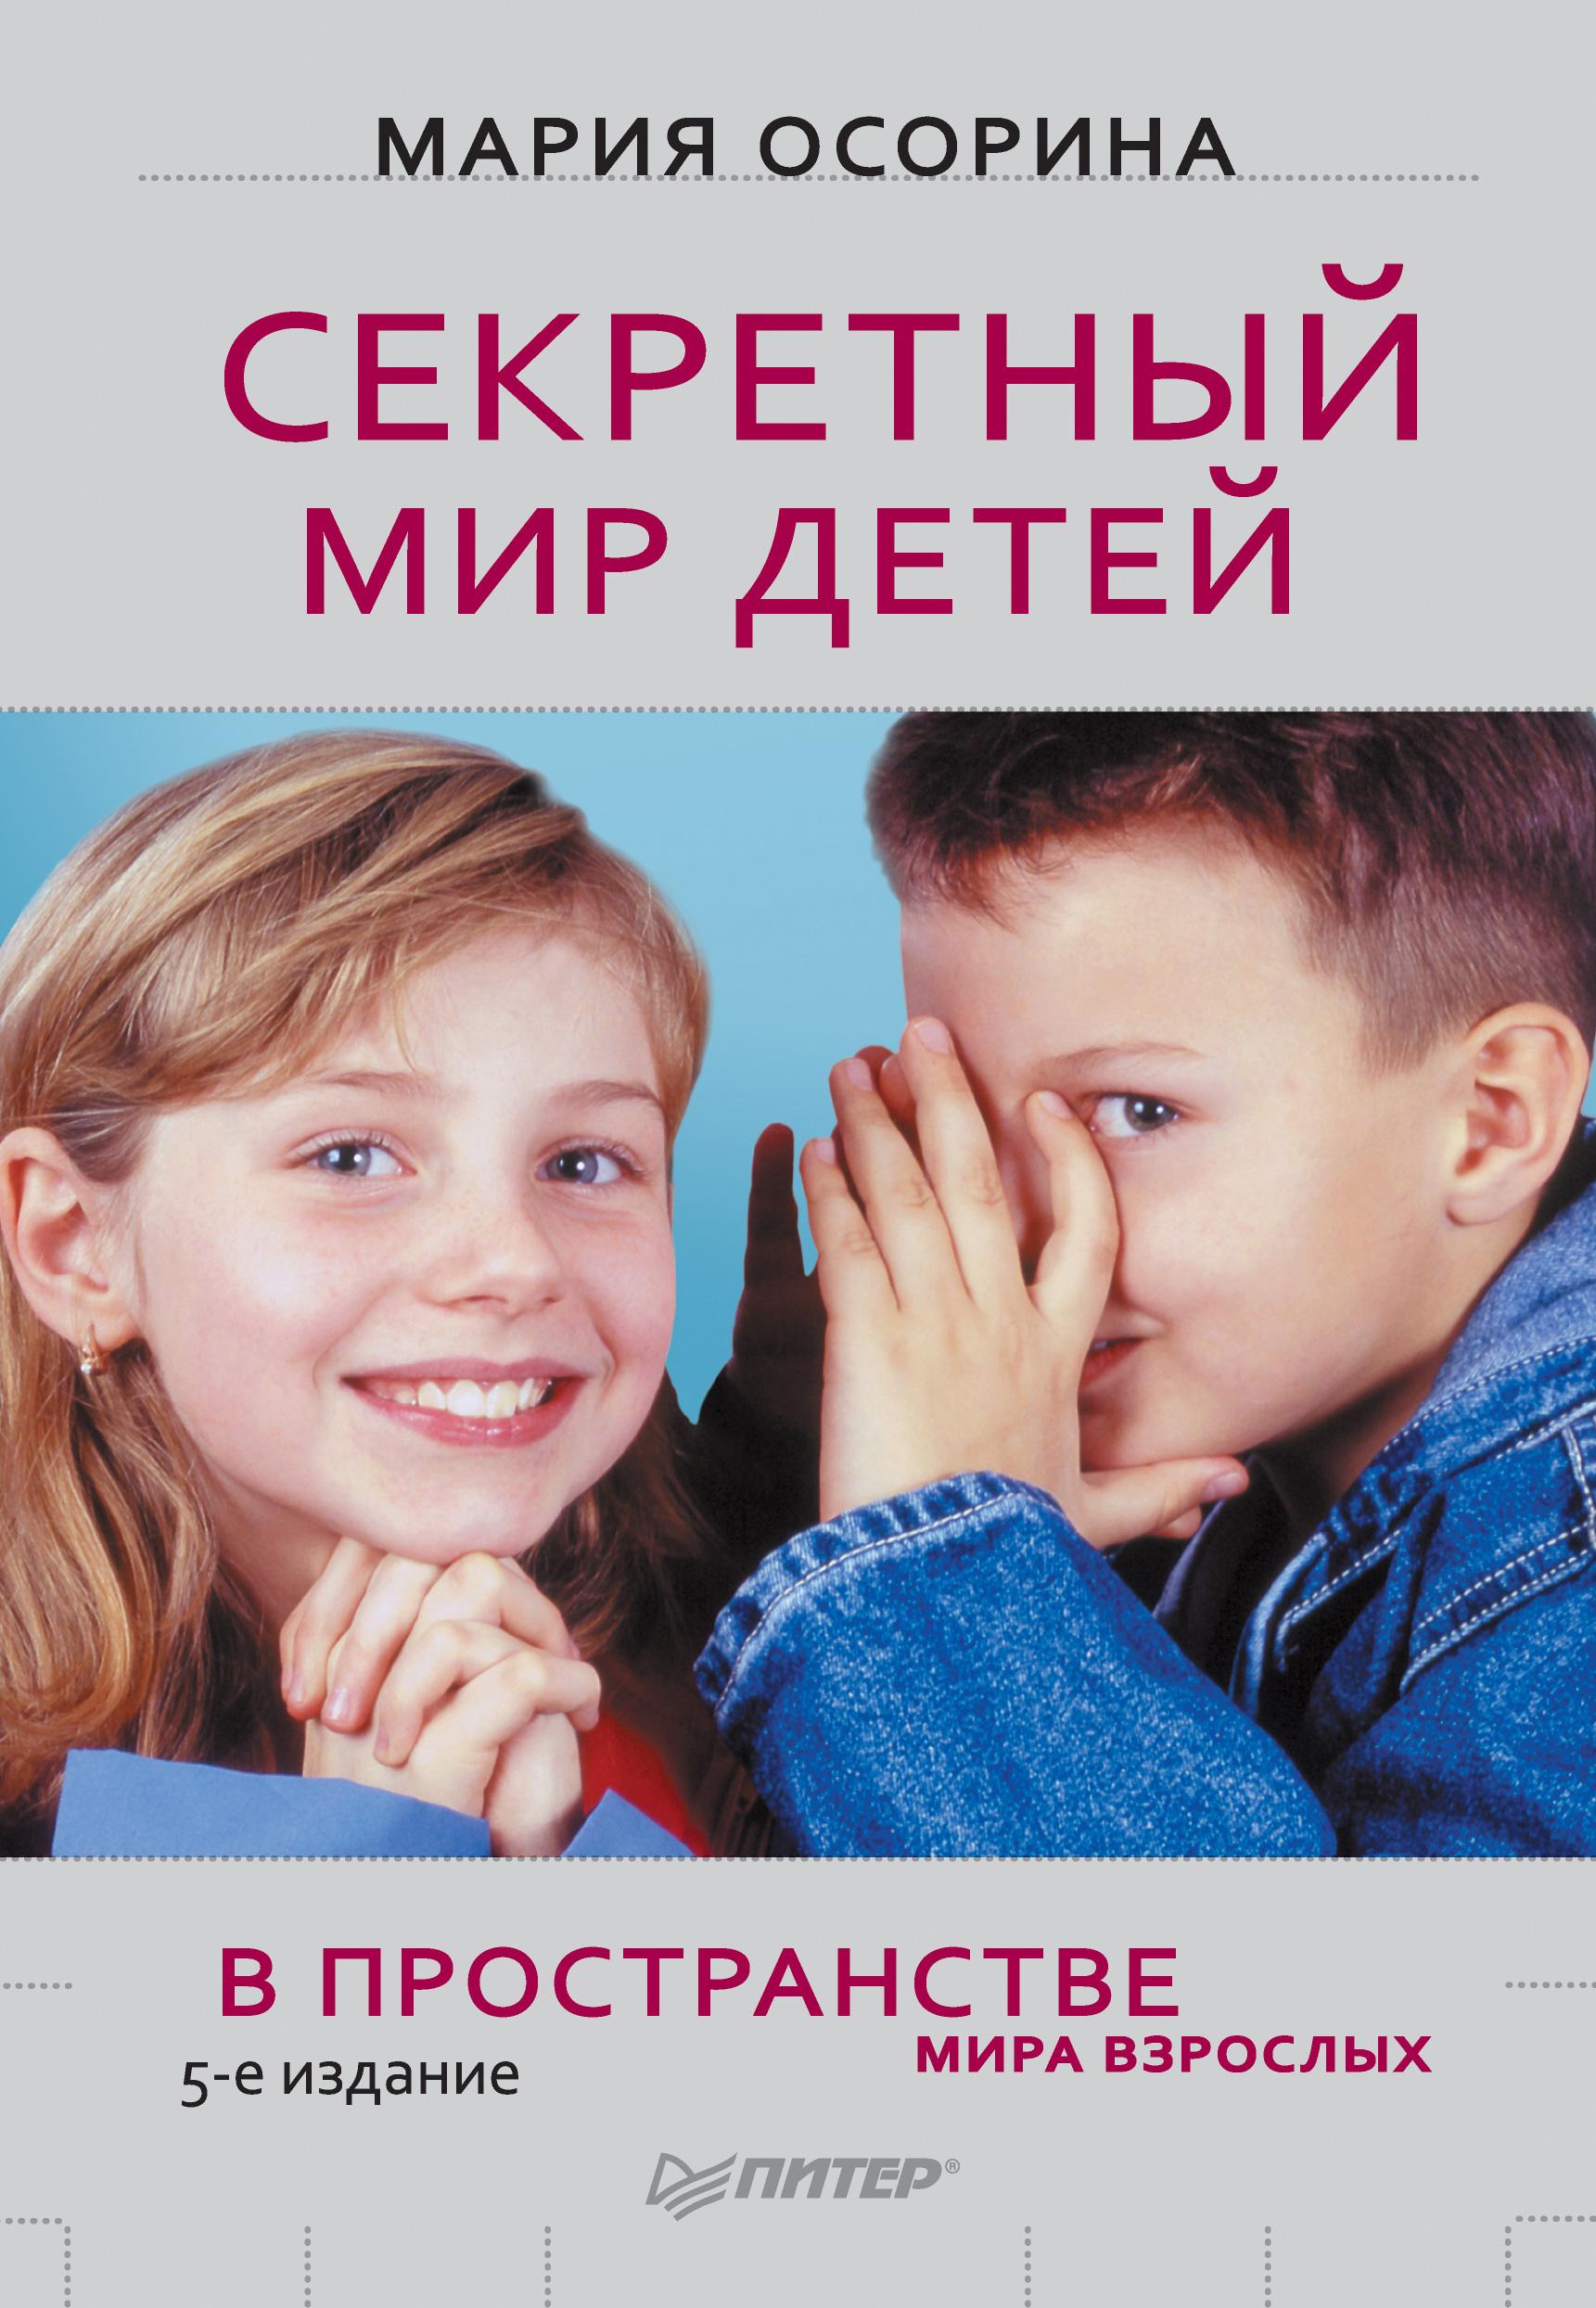 Мария Осорина Секретный мир детей в пространстве мира взрослых осорина м секретный мир детей в пространстве мира взрослых 6 е издание